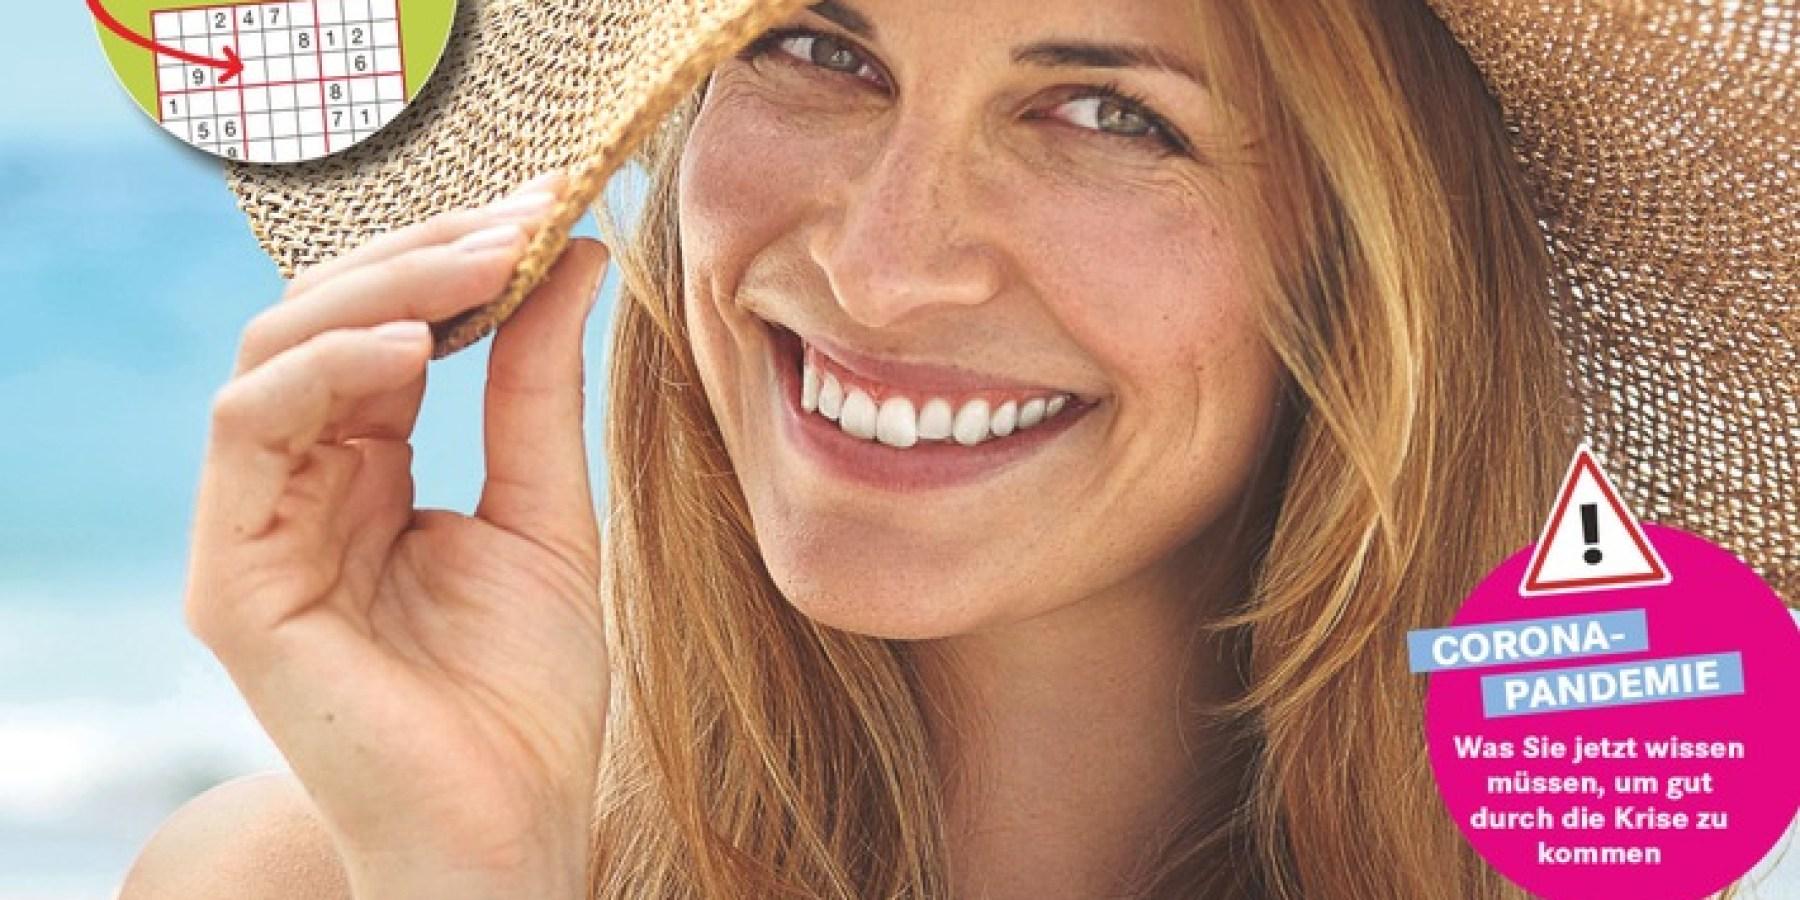 Sonnenschutz: Die wirksamsten Maßnahmen gegen UV-Strahlung